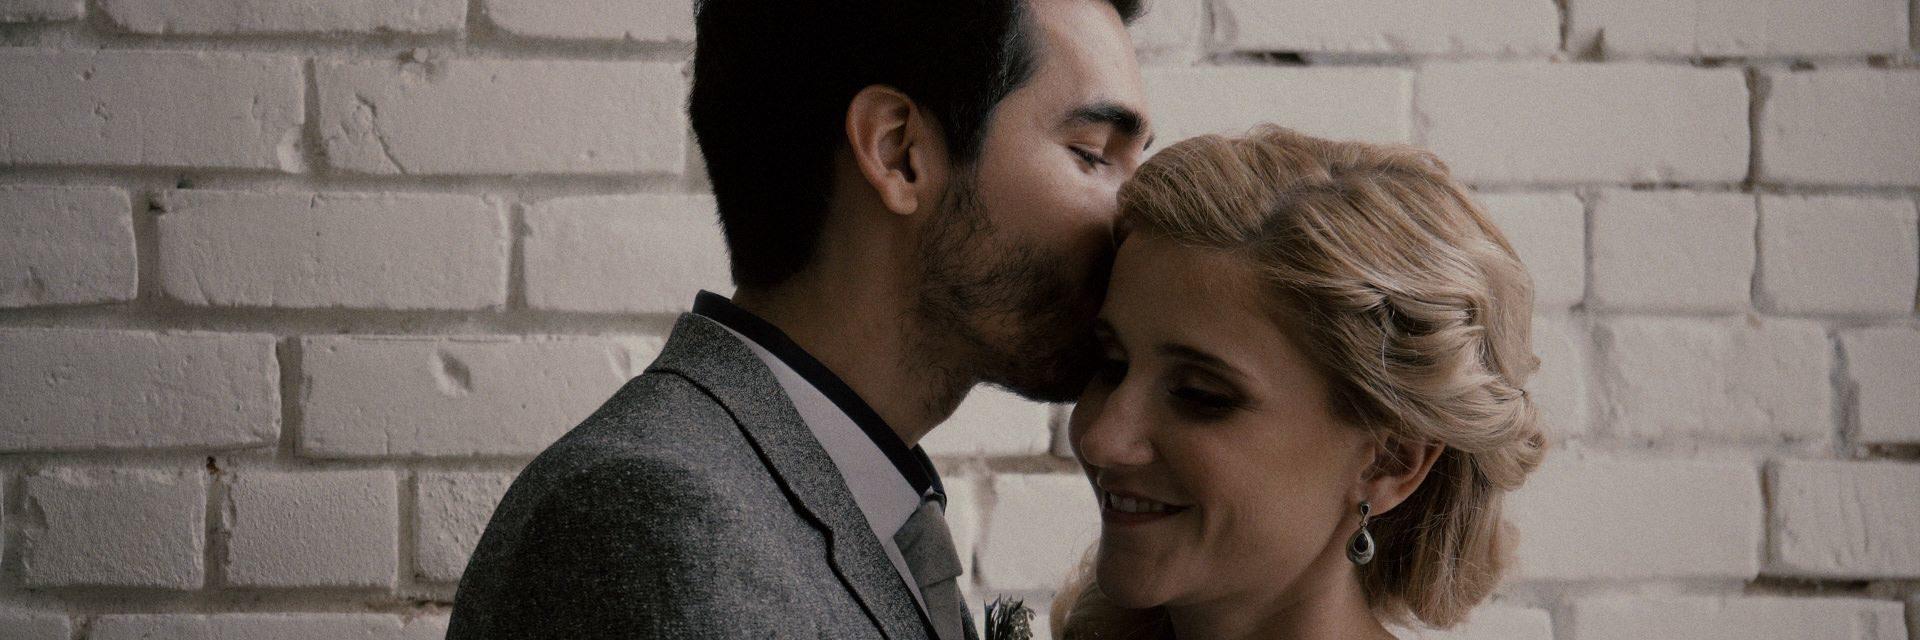 Il-Borro-wedding-videographer-cinemate-films-03